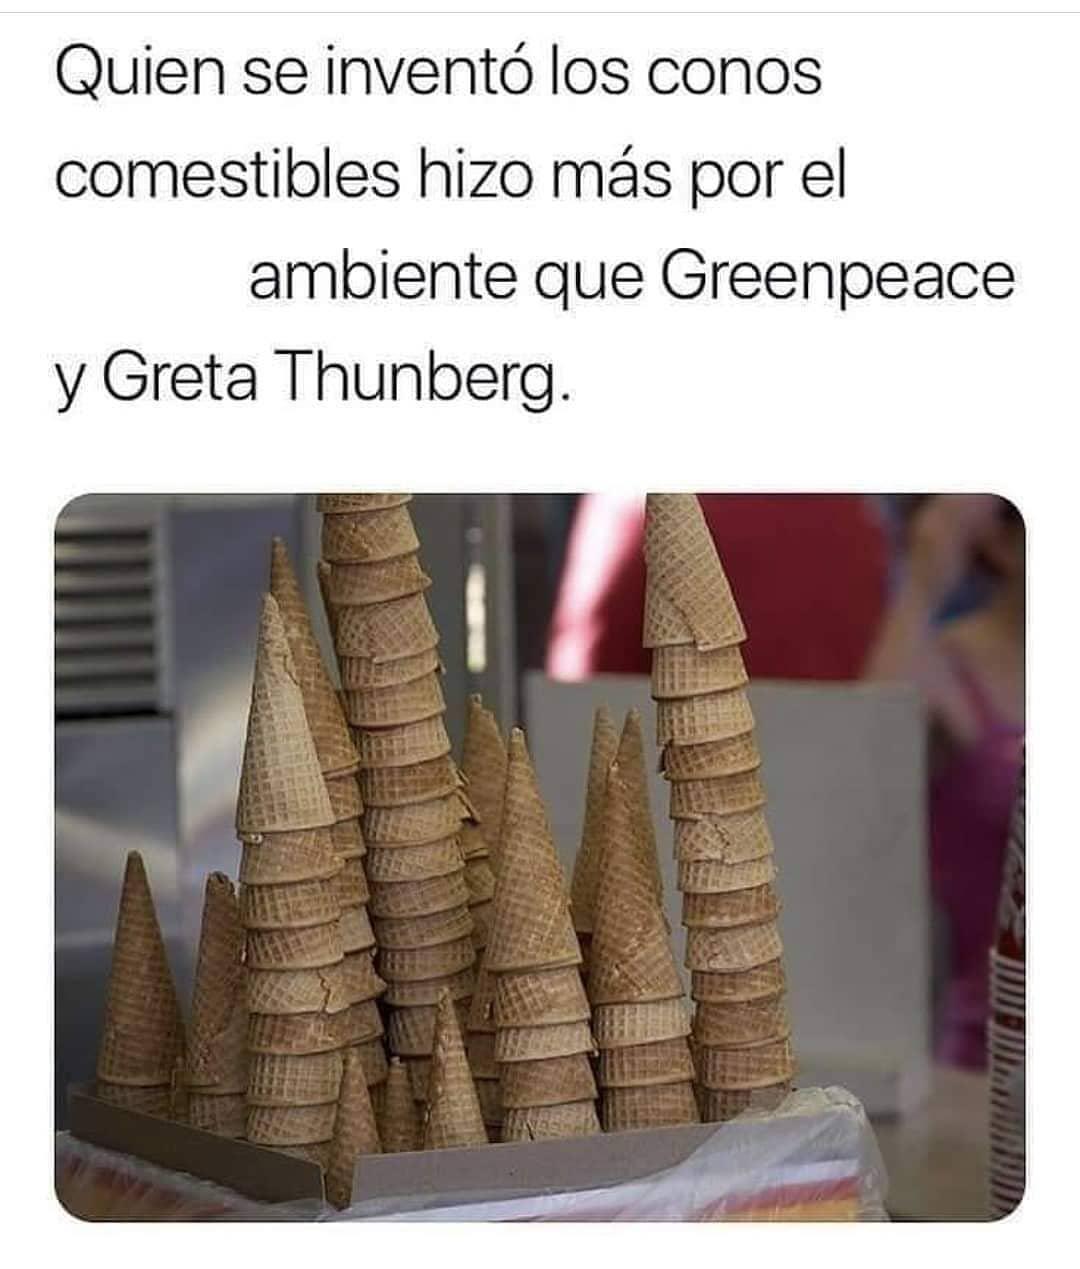 Quien se inventó los conos comestibles hizo más por el ambiente que Greenpeace y Greta Thunberg.